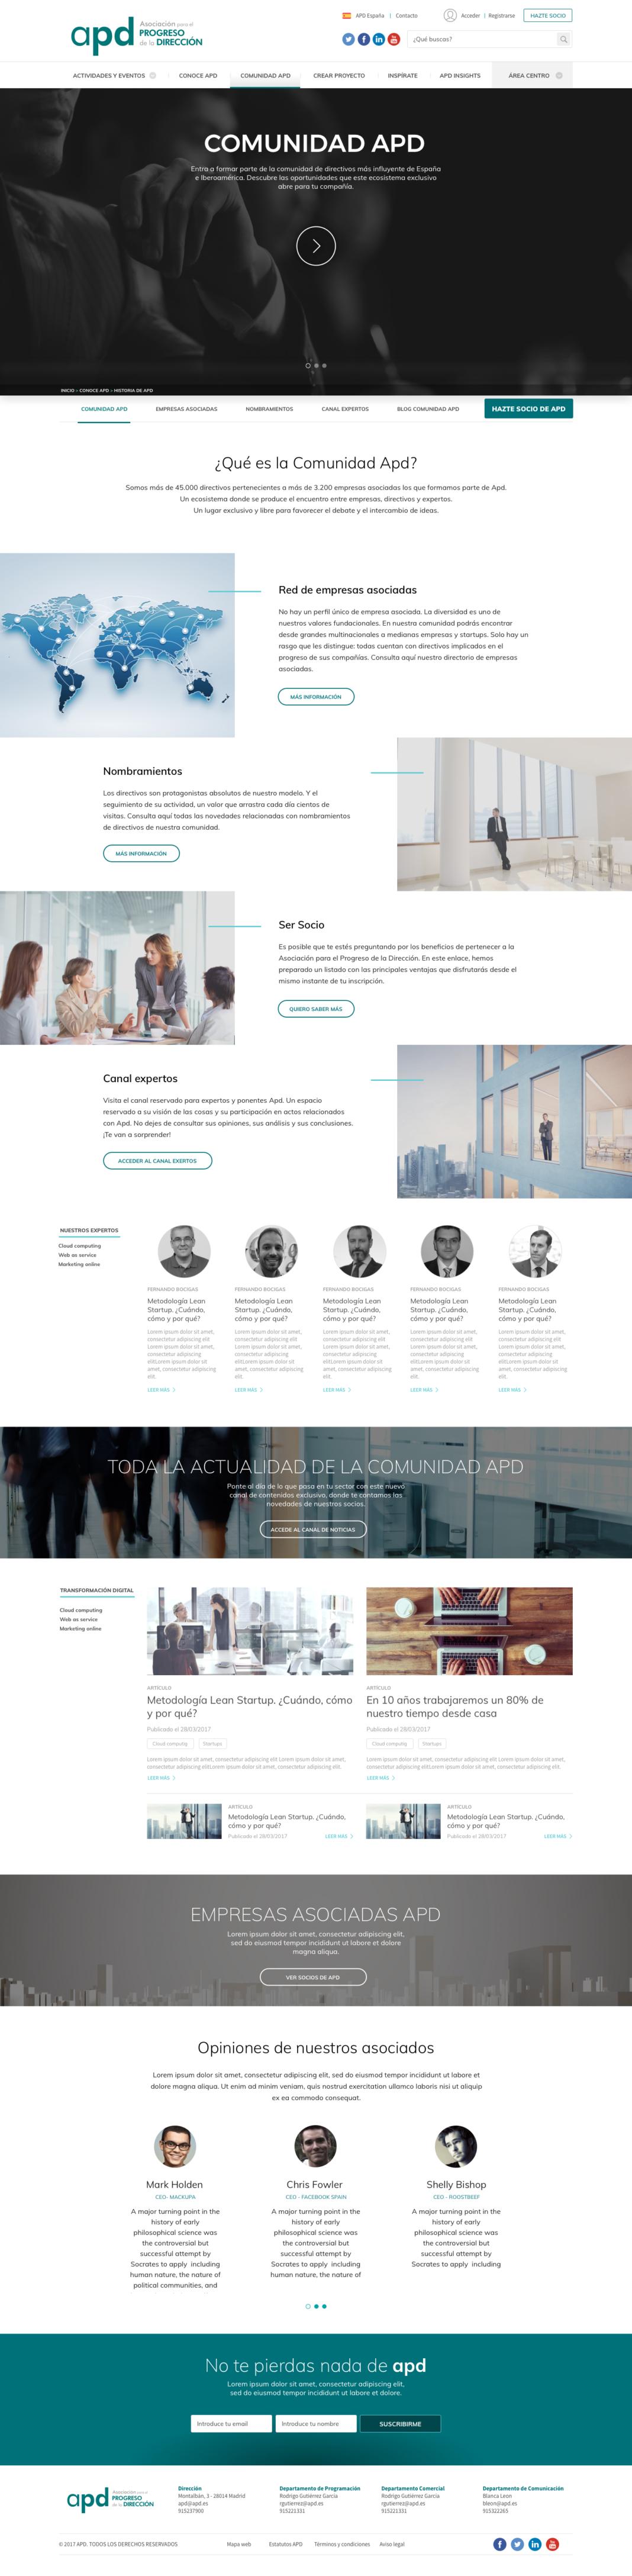 Desarrollo web APD: comunidad